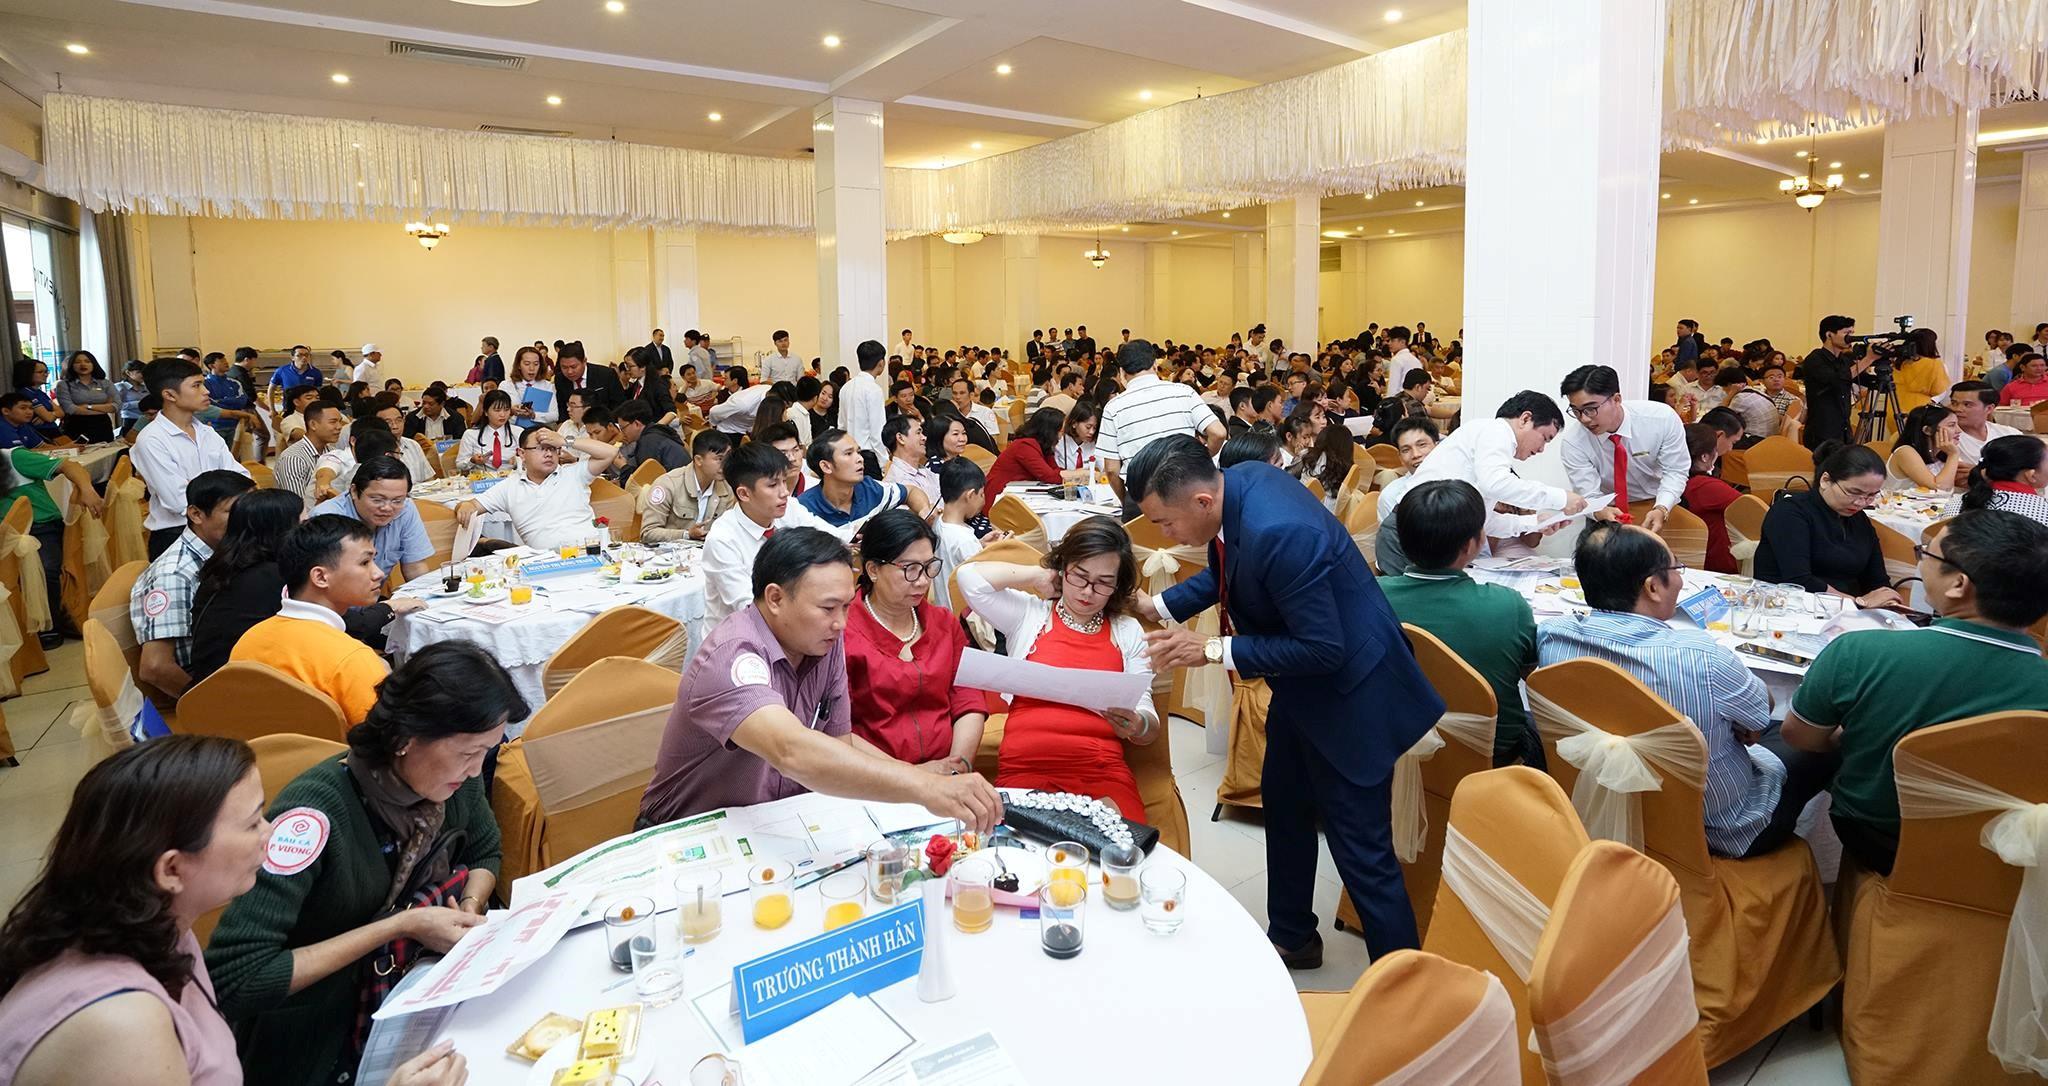 Phát Đạt thành công lớn trong việc bán hàng dự án khu dân cư Phát Đạt Bàu Cả